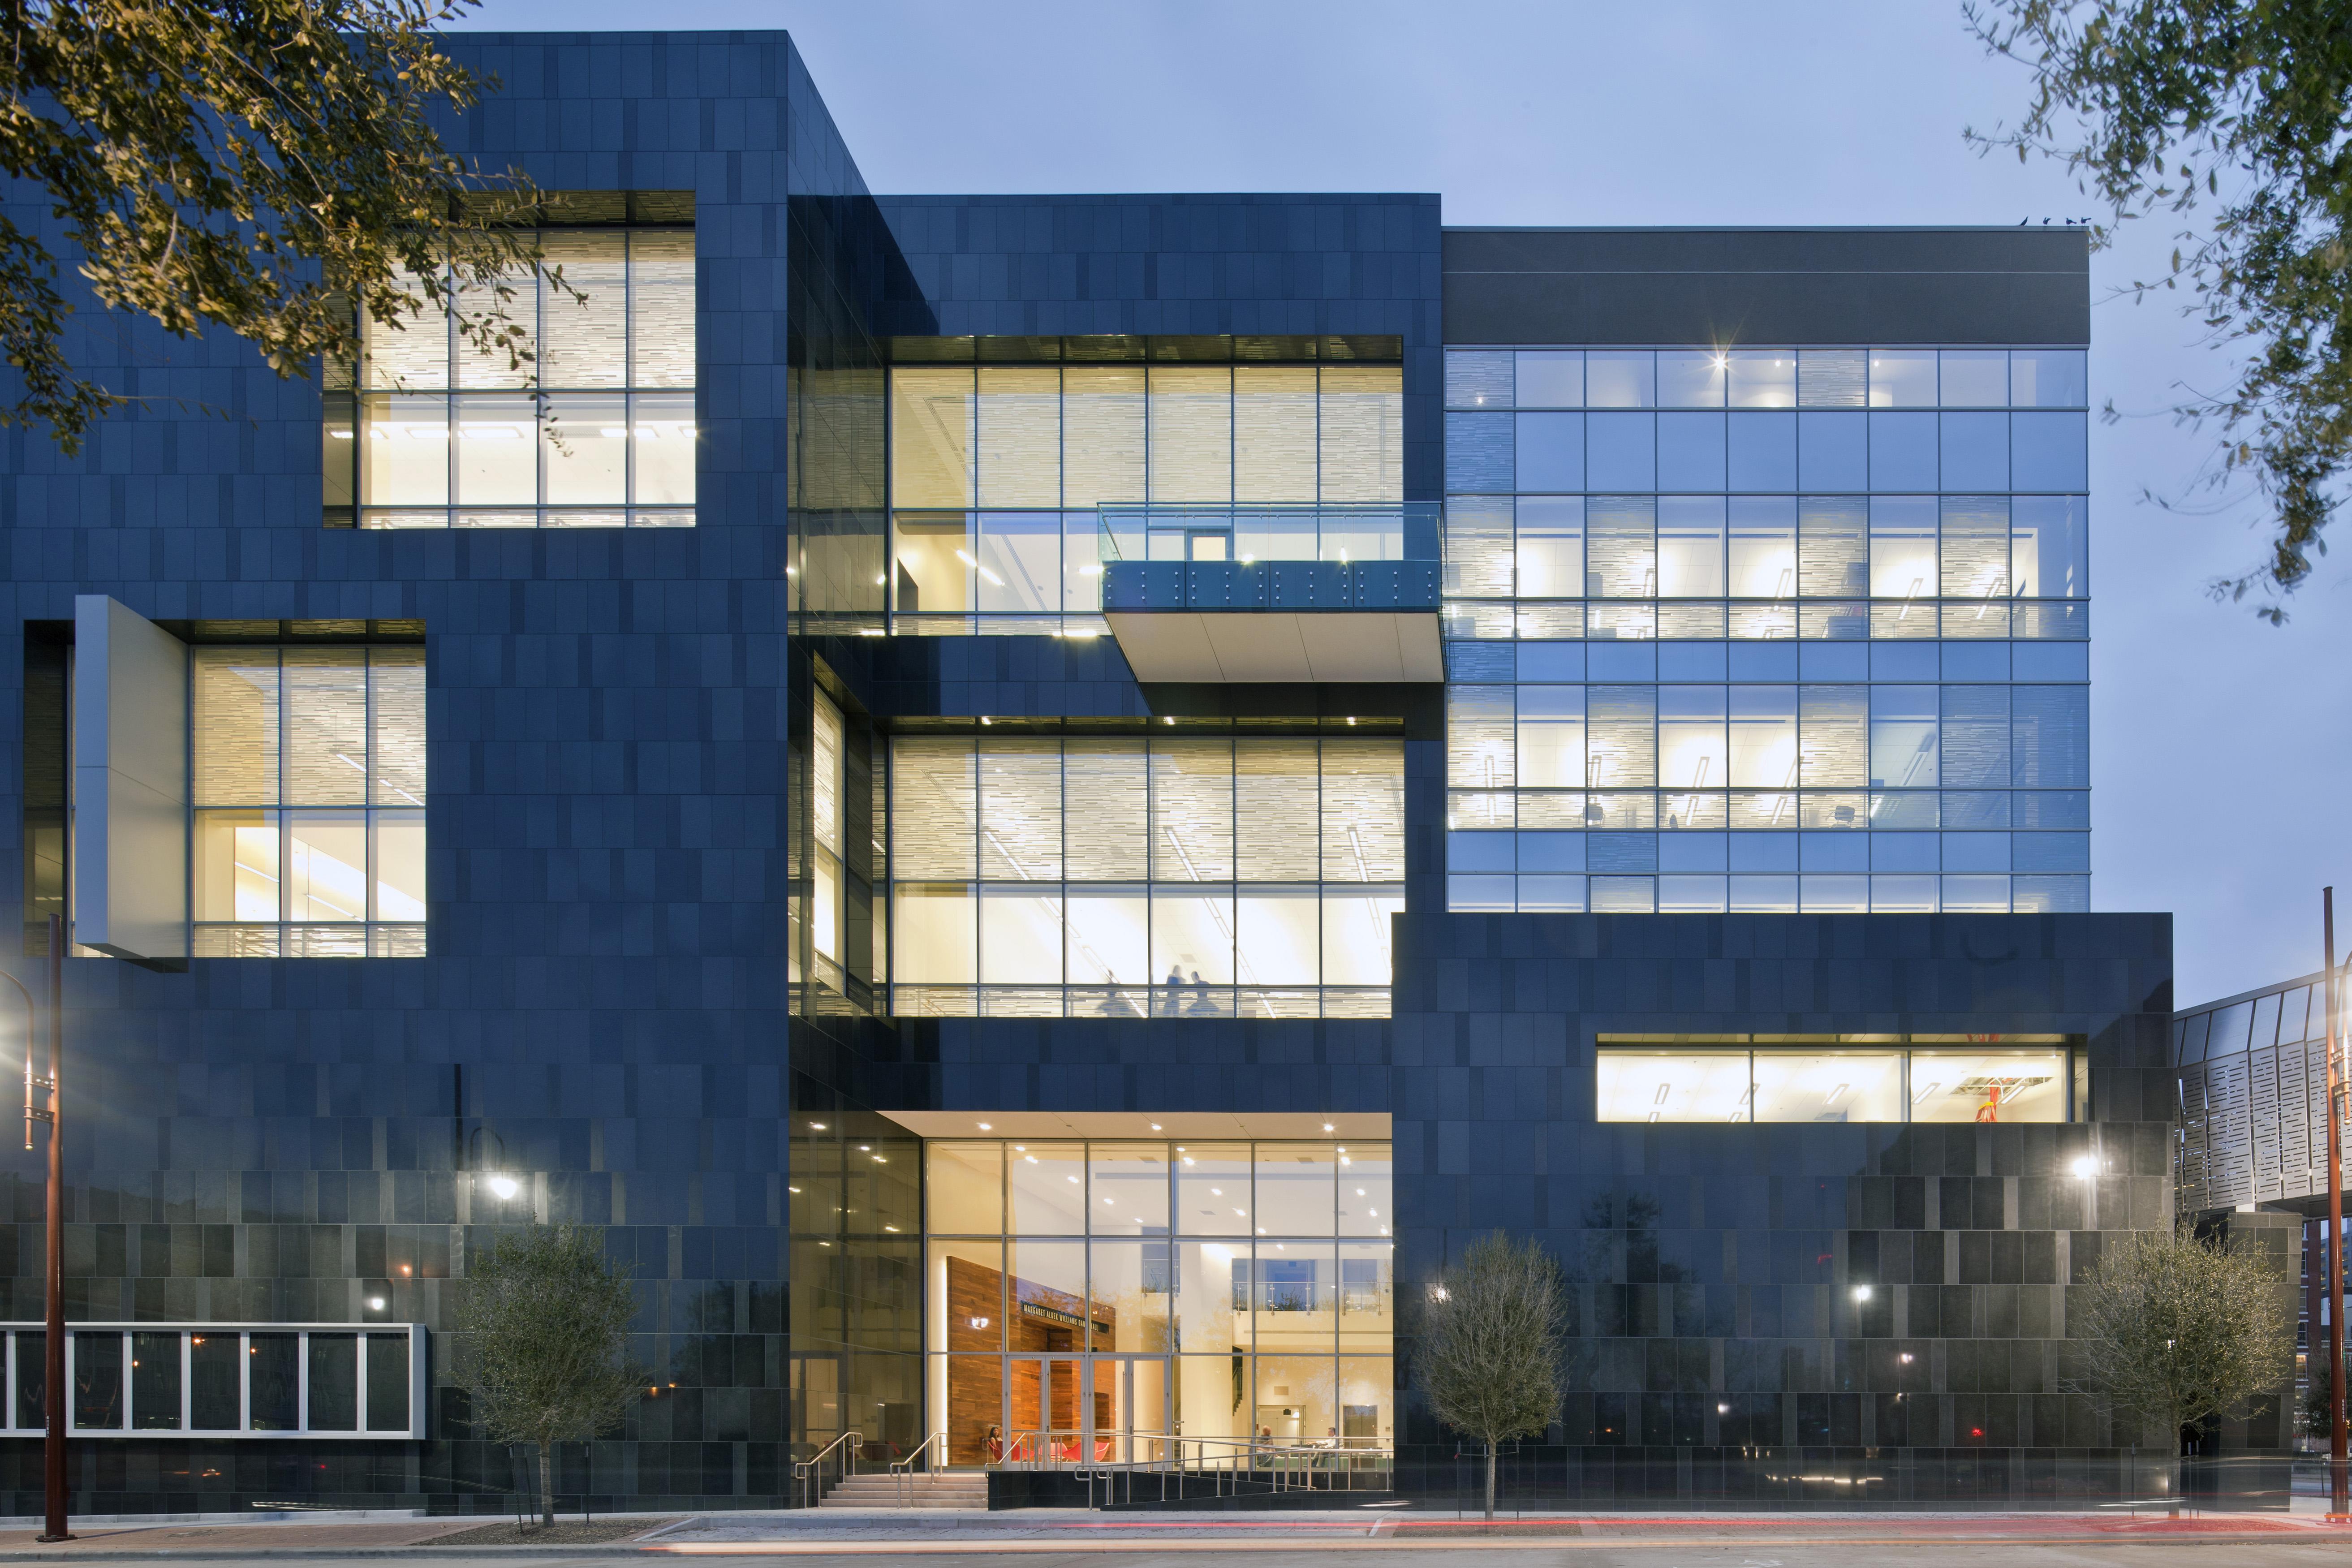 Houston Balletu0027s Center For Dance